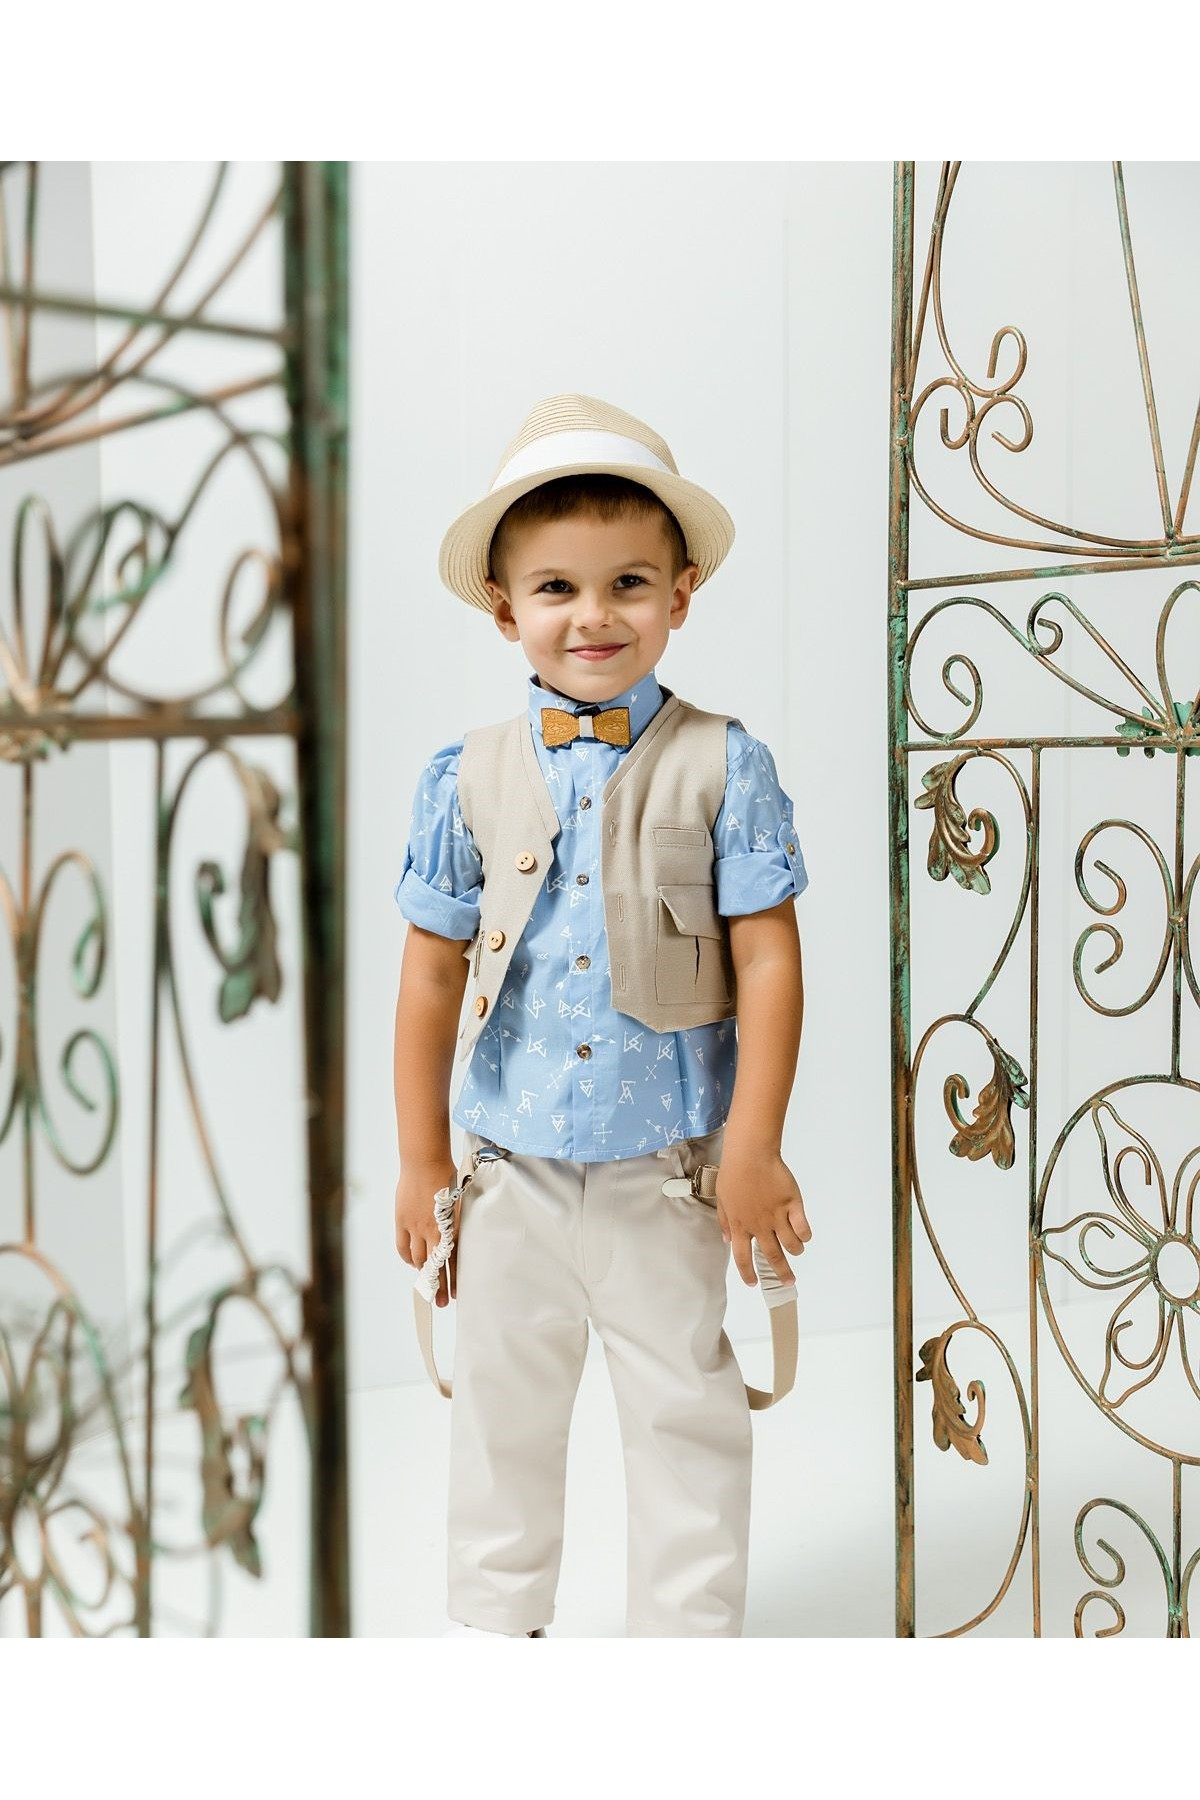 Βαπτιστικό σύνολο αγόρι με παστέλ μπεζ παντελόνι και σιελ πουκάμισο με λευκά βέλη αστεράκια